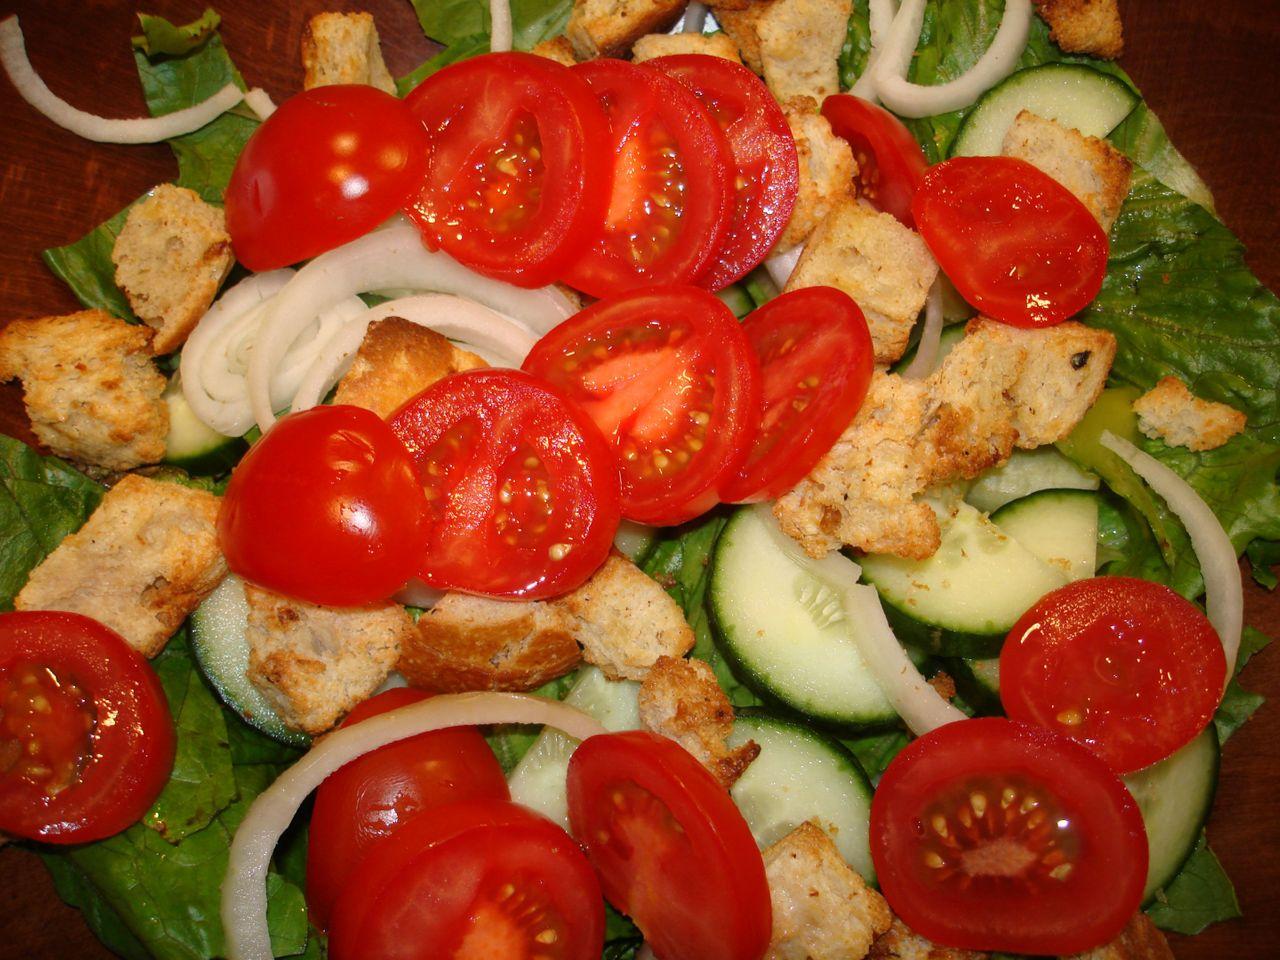 tomatoes_in_salad.JPG